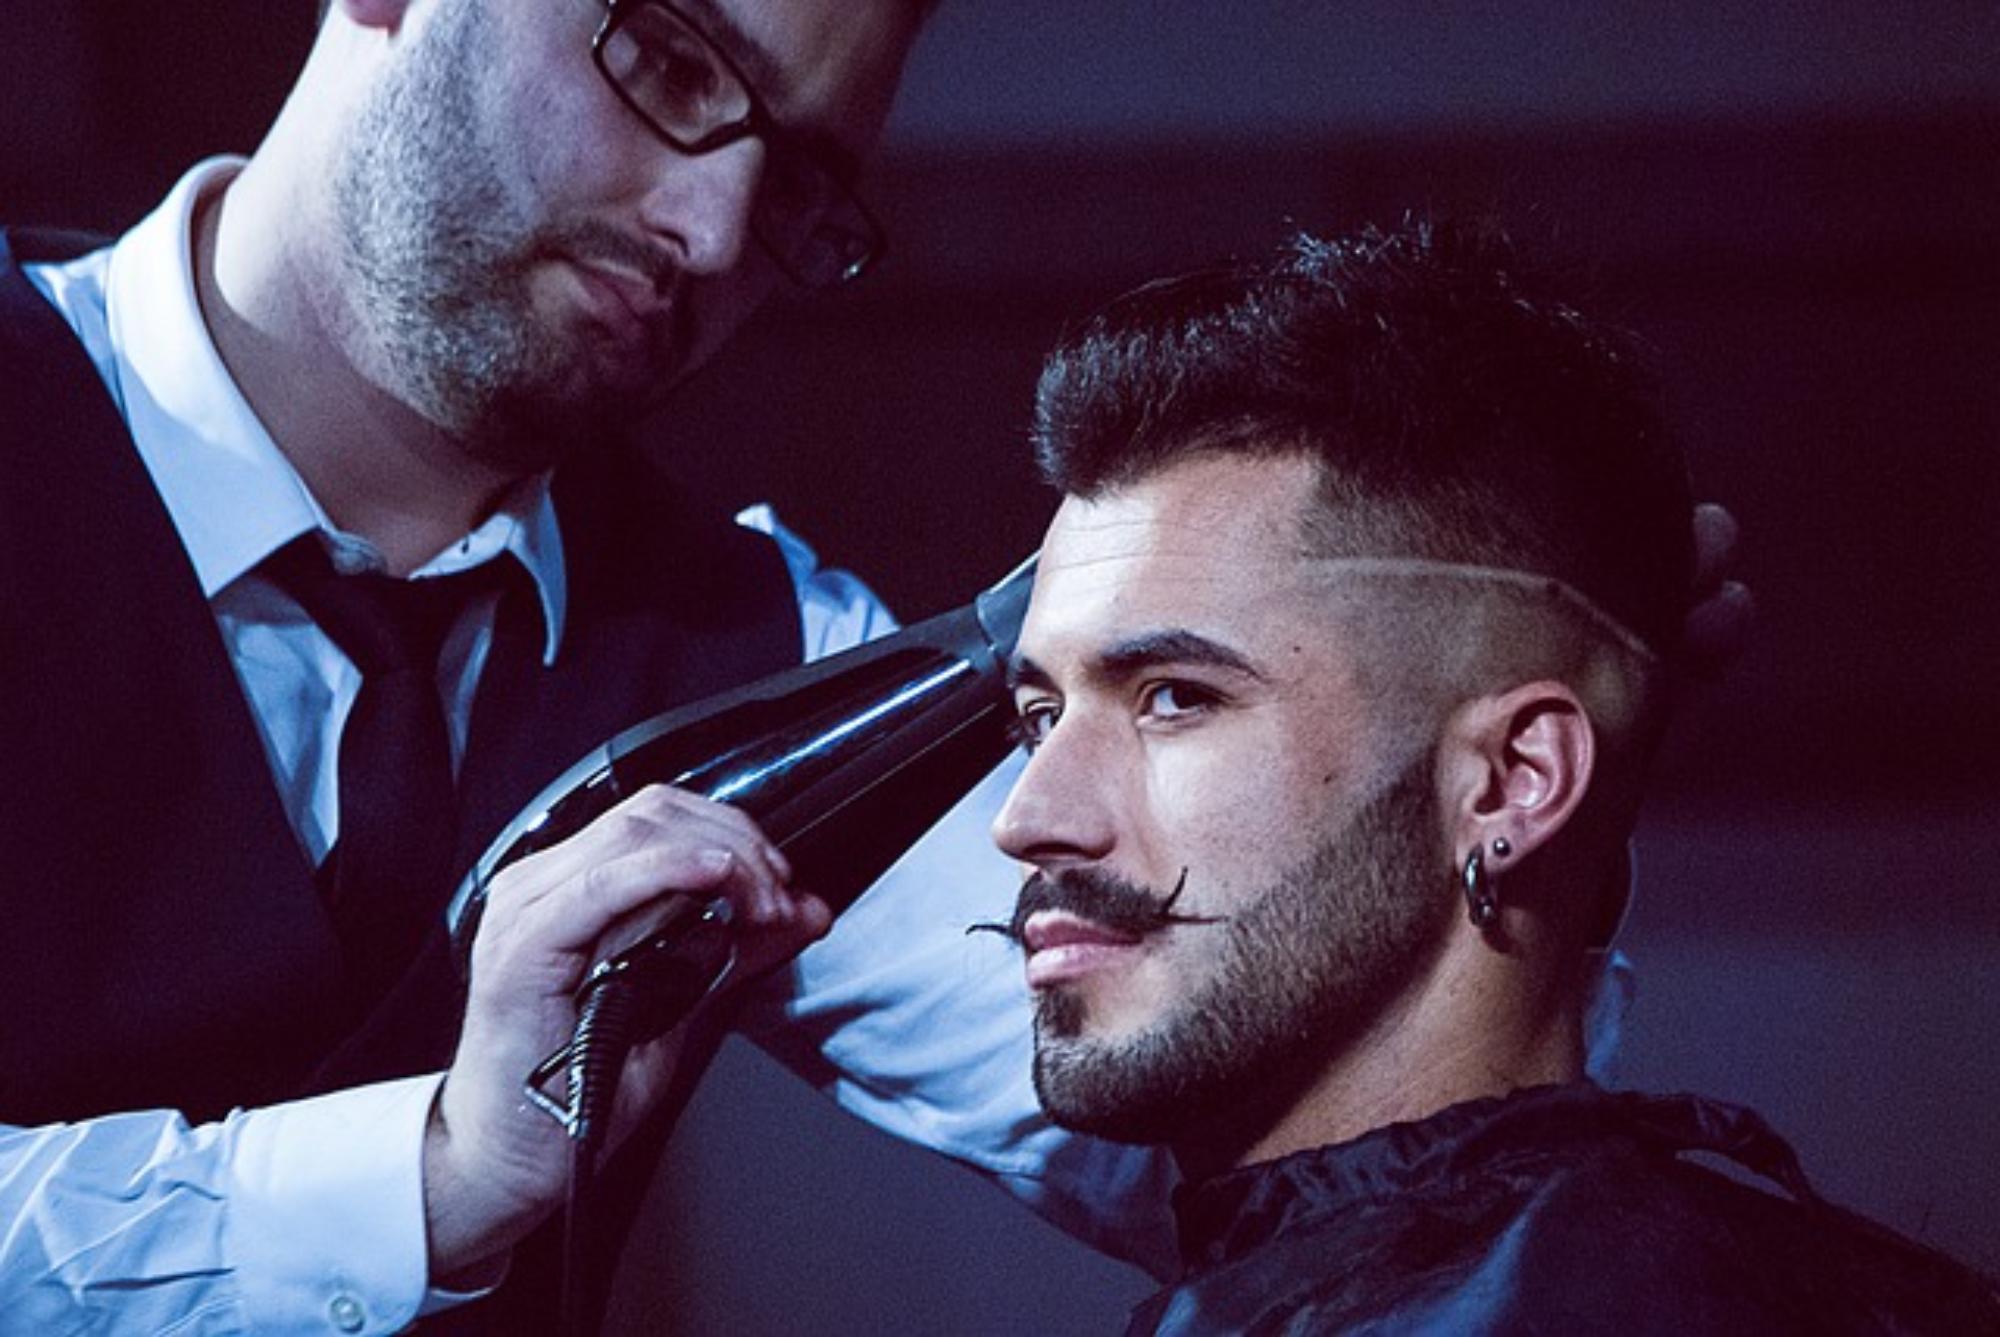 naturalne kosmetyki dla mężczyzn, Kosmetyki dla mężczyzn